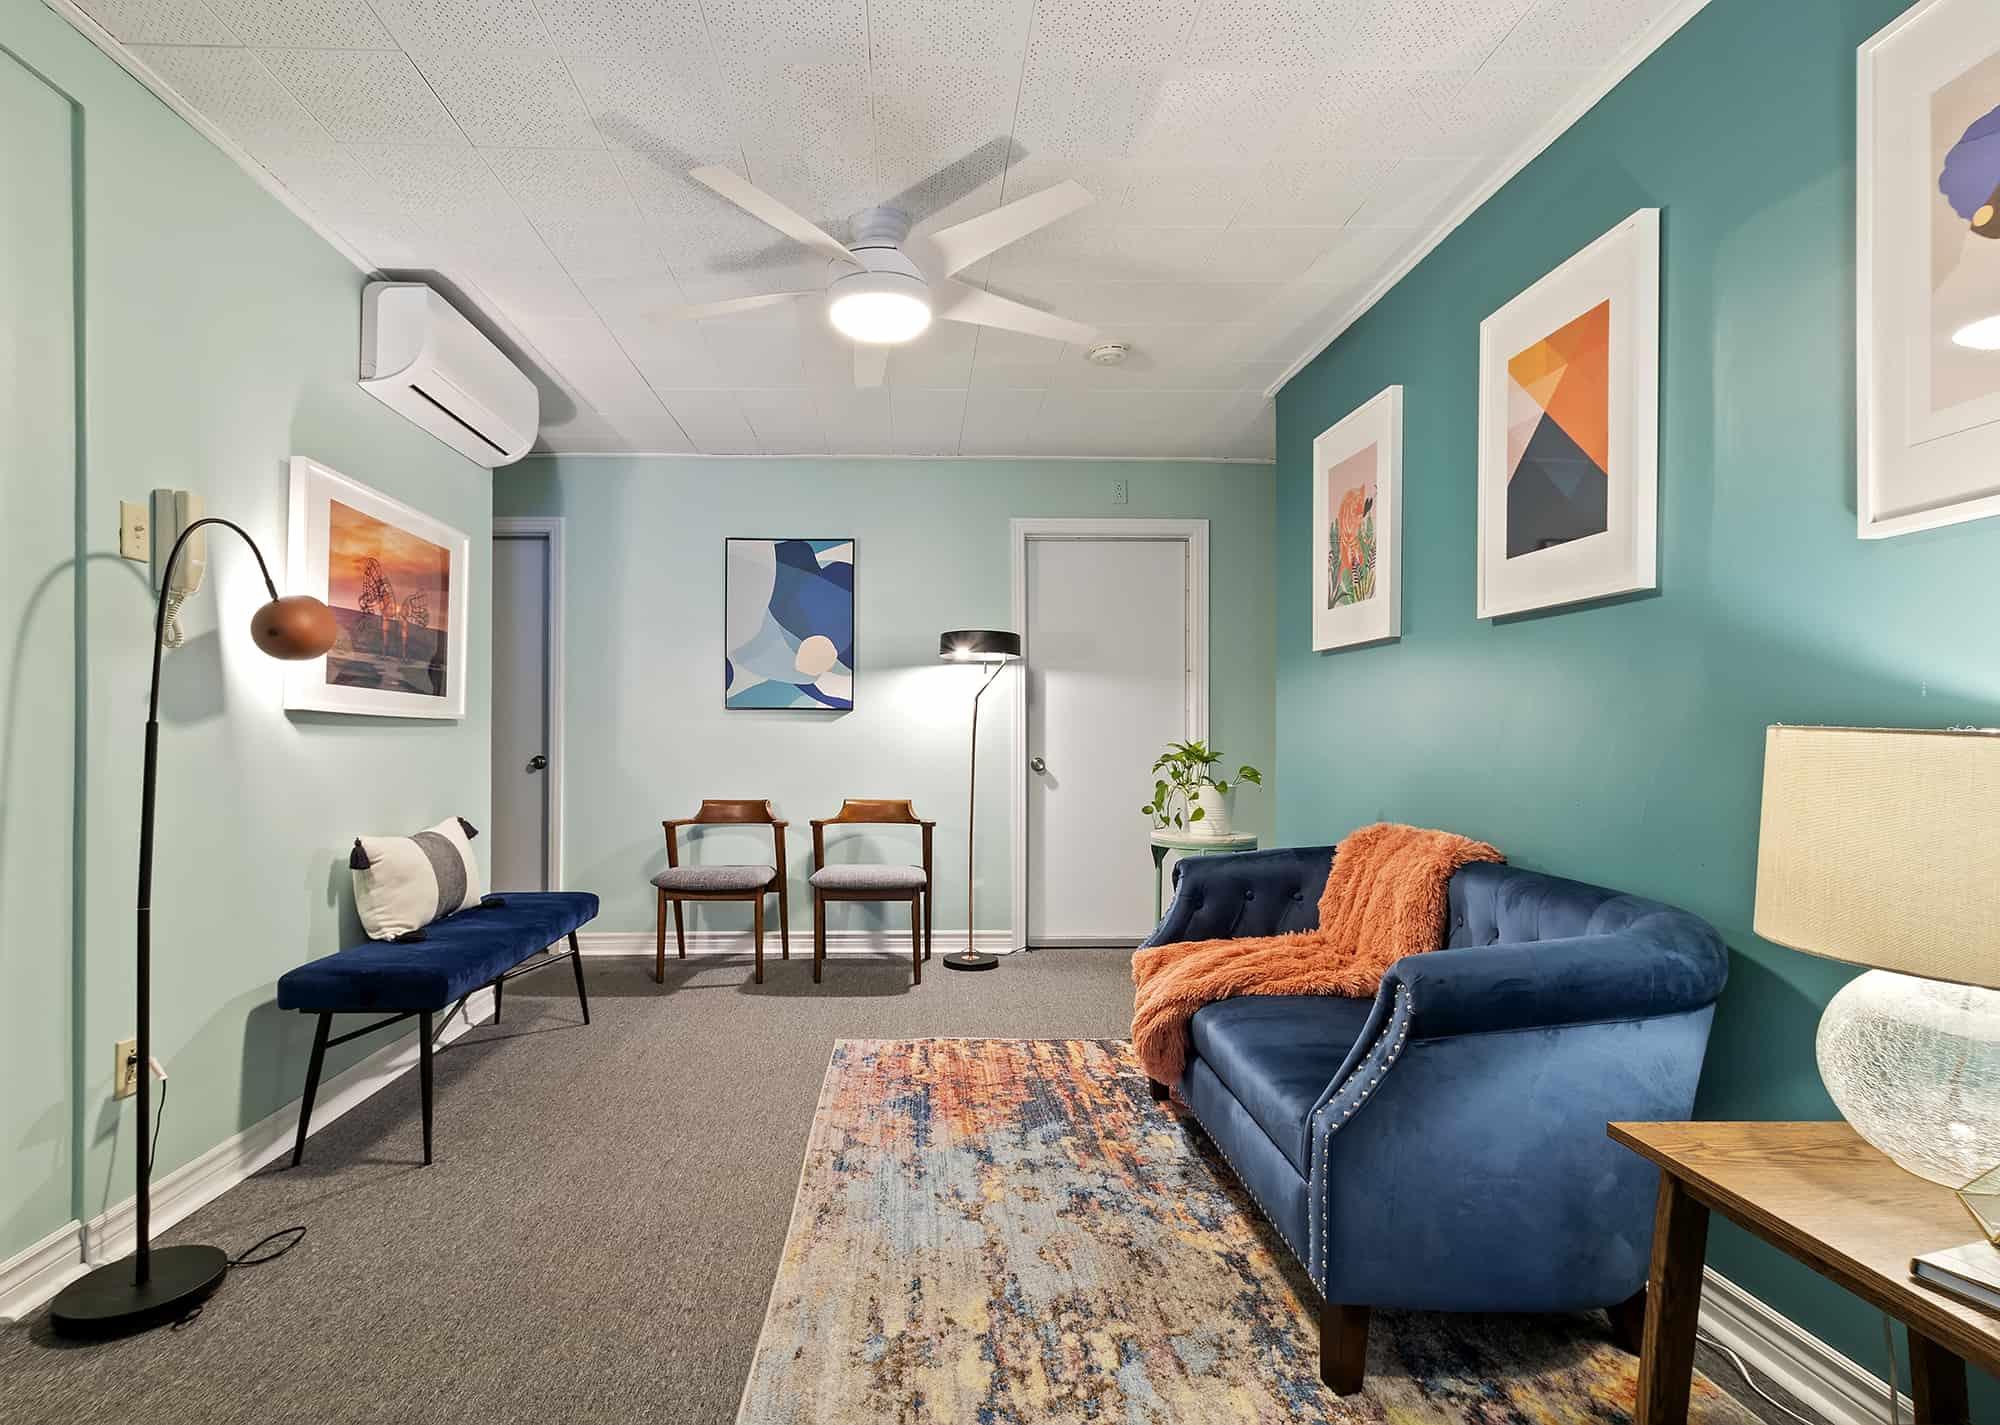 Divan bleu - waiting room